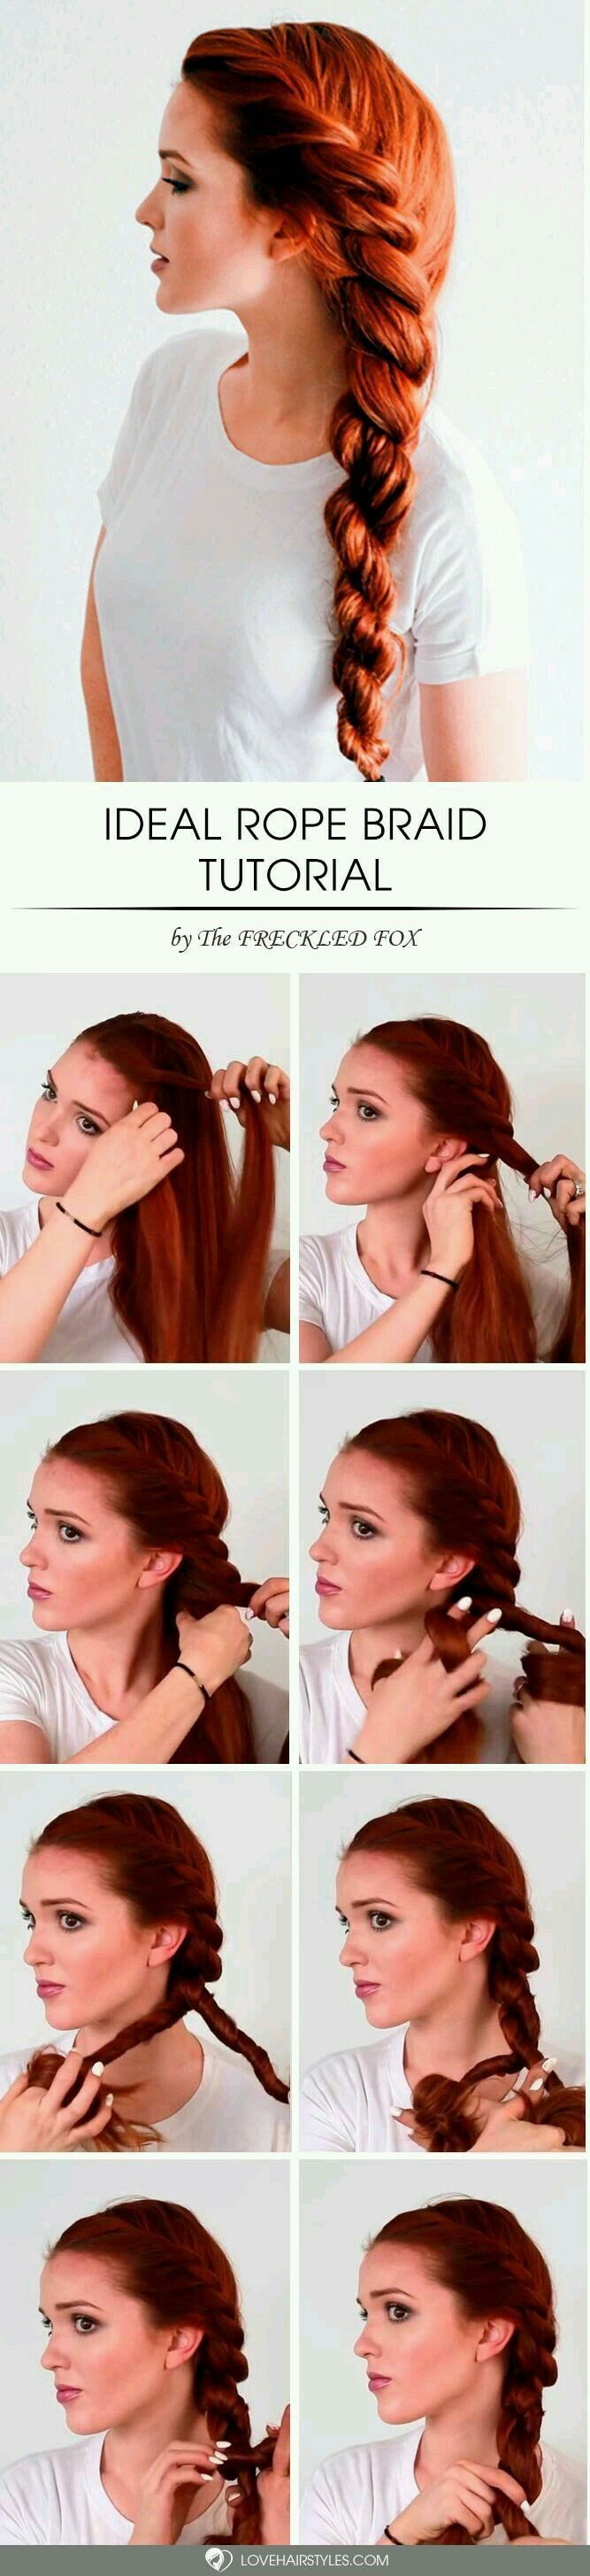 15 Easy to Do Everyday Hairstyle Ideas for Short, Medium & Long Hairs        seilzopf haar tutorial    #den #einfache #frisuren #für #Gebrauch #haare #Kurze #lange #mittlere #täglichen #und #easyshorthairstyles